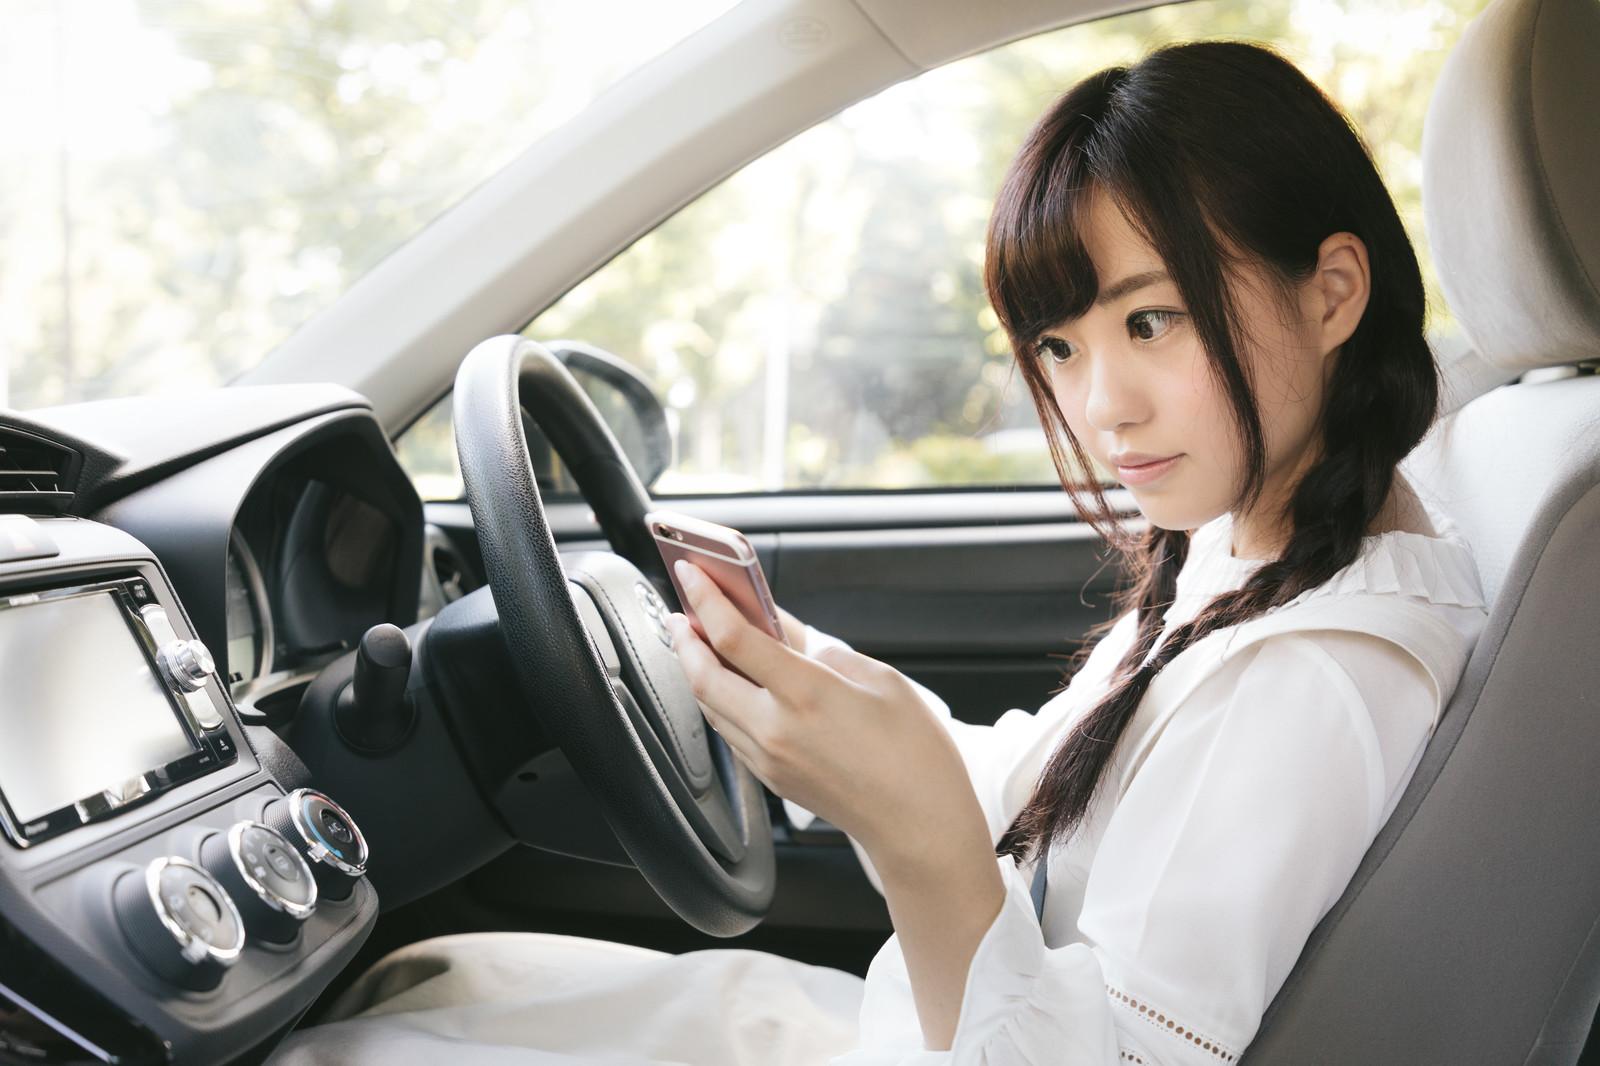 車でスマホを見ている女性